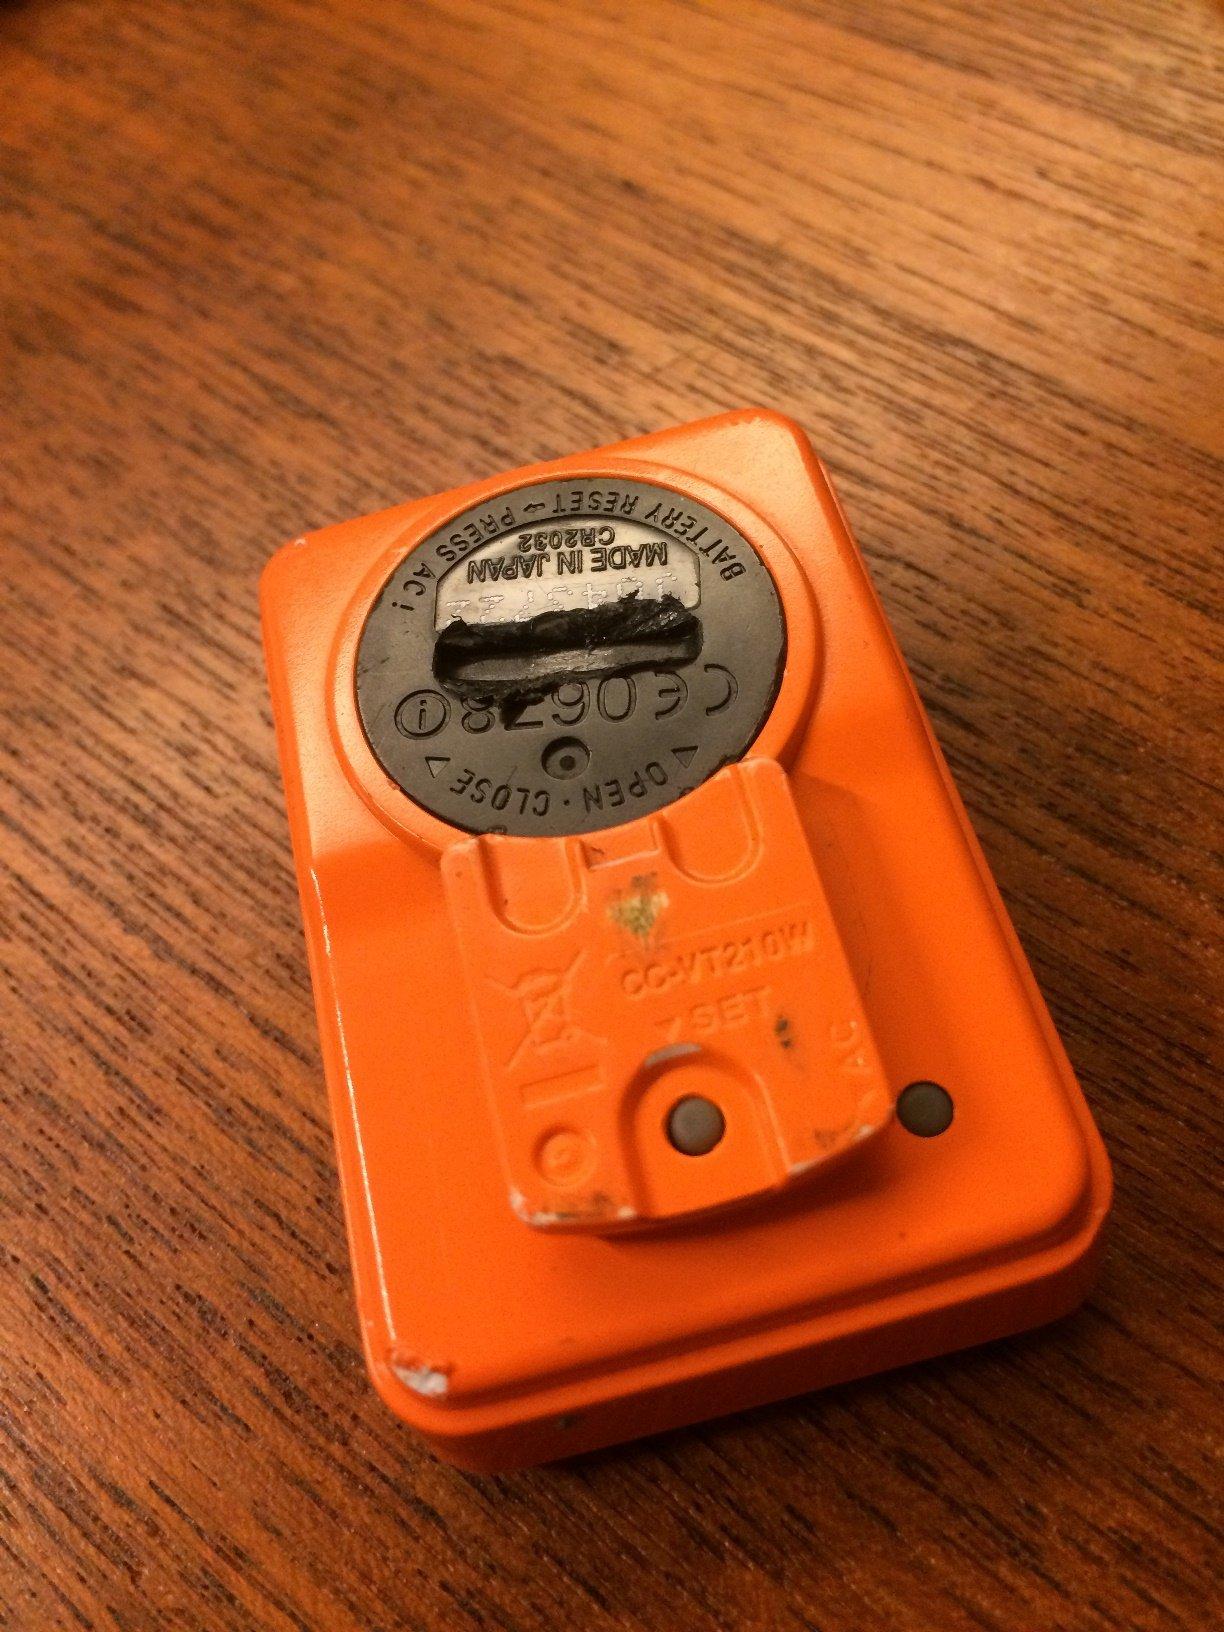 キャットアイ VELO WIRELESS + [ベロワイヤレス プラス]電池カバーが開かなくなりました